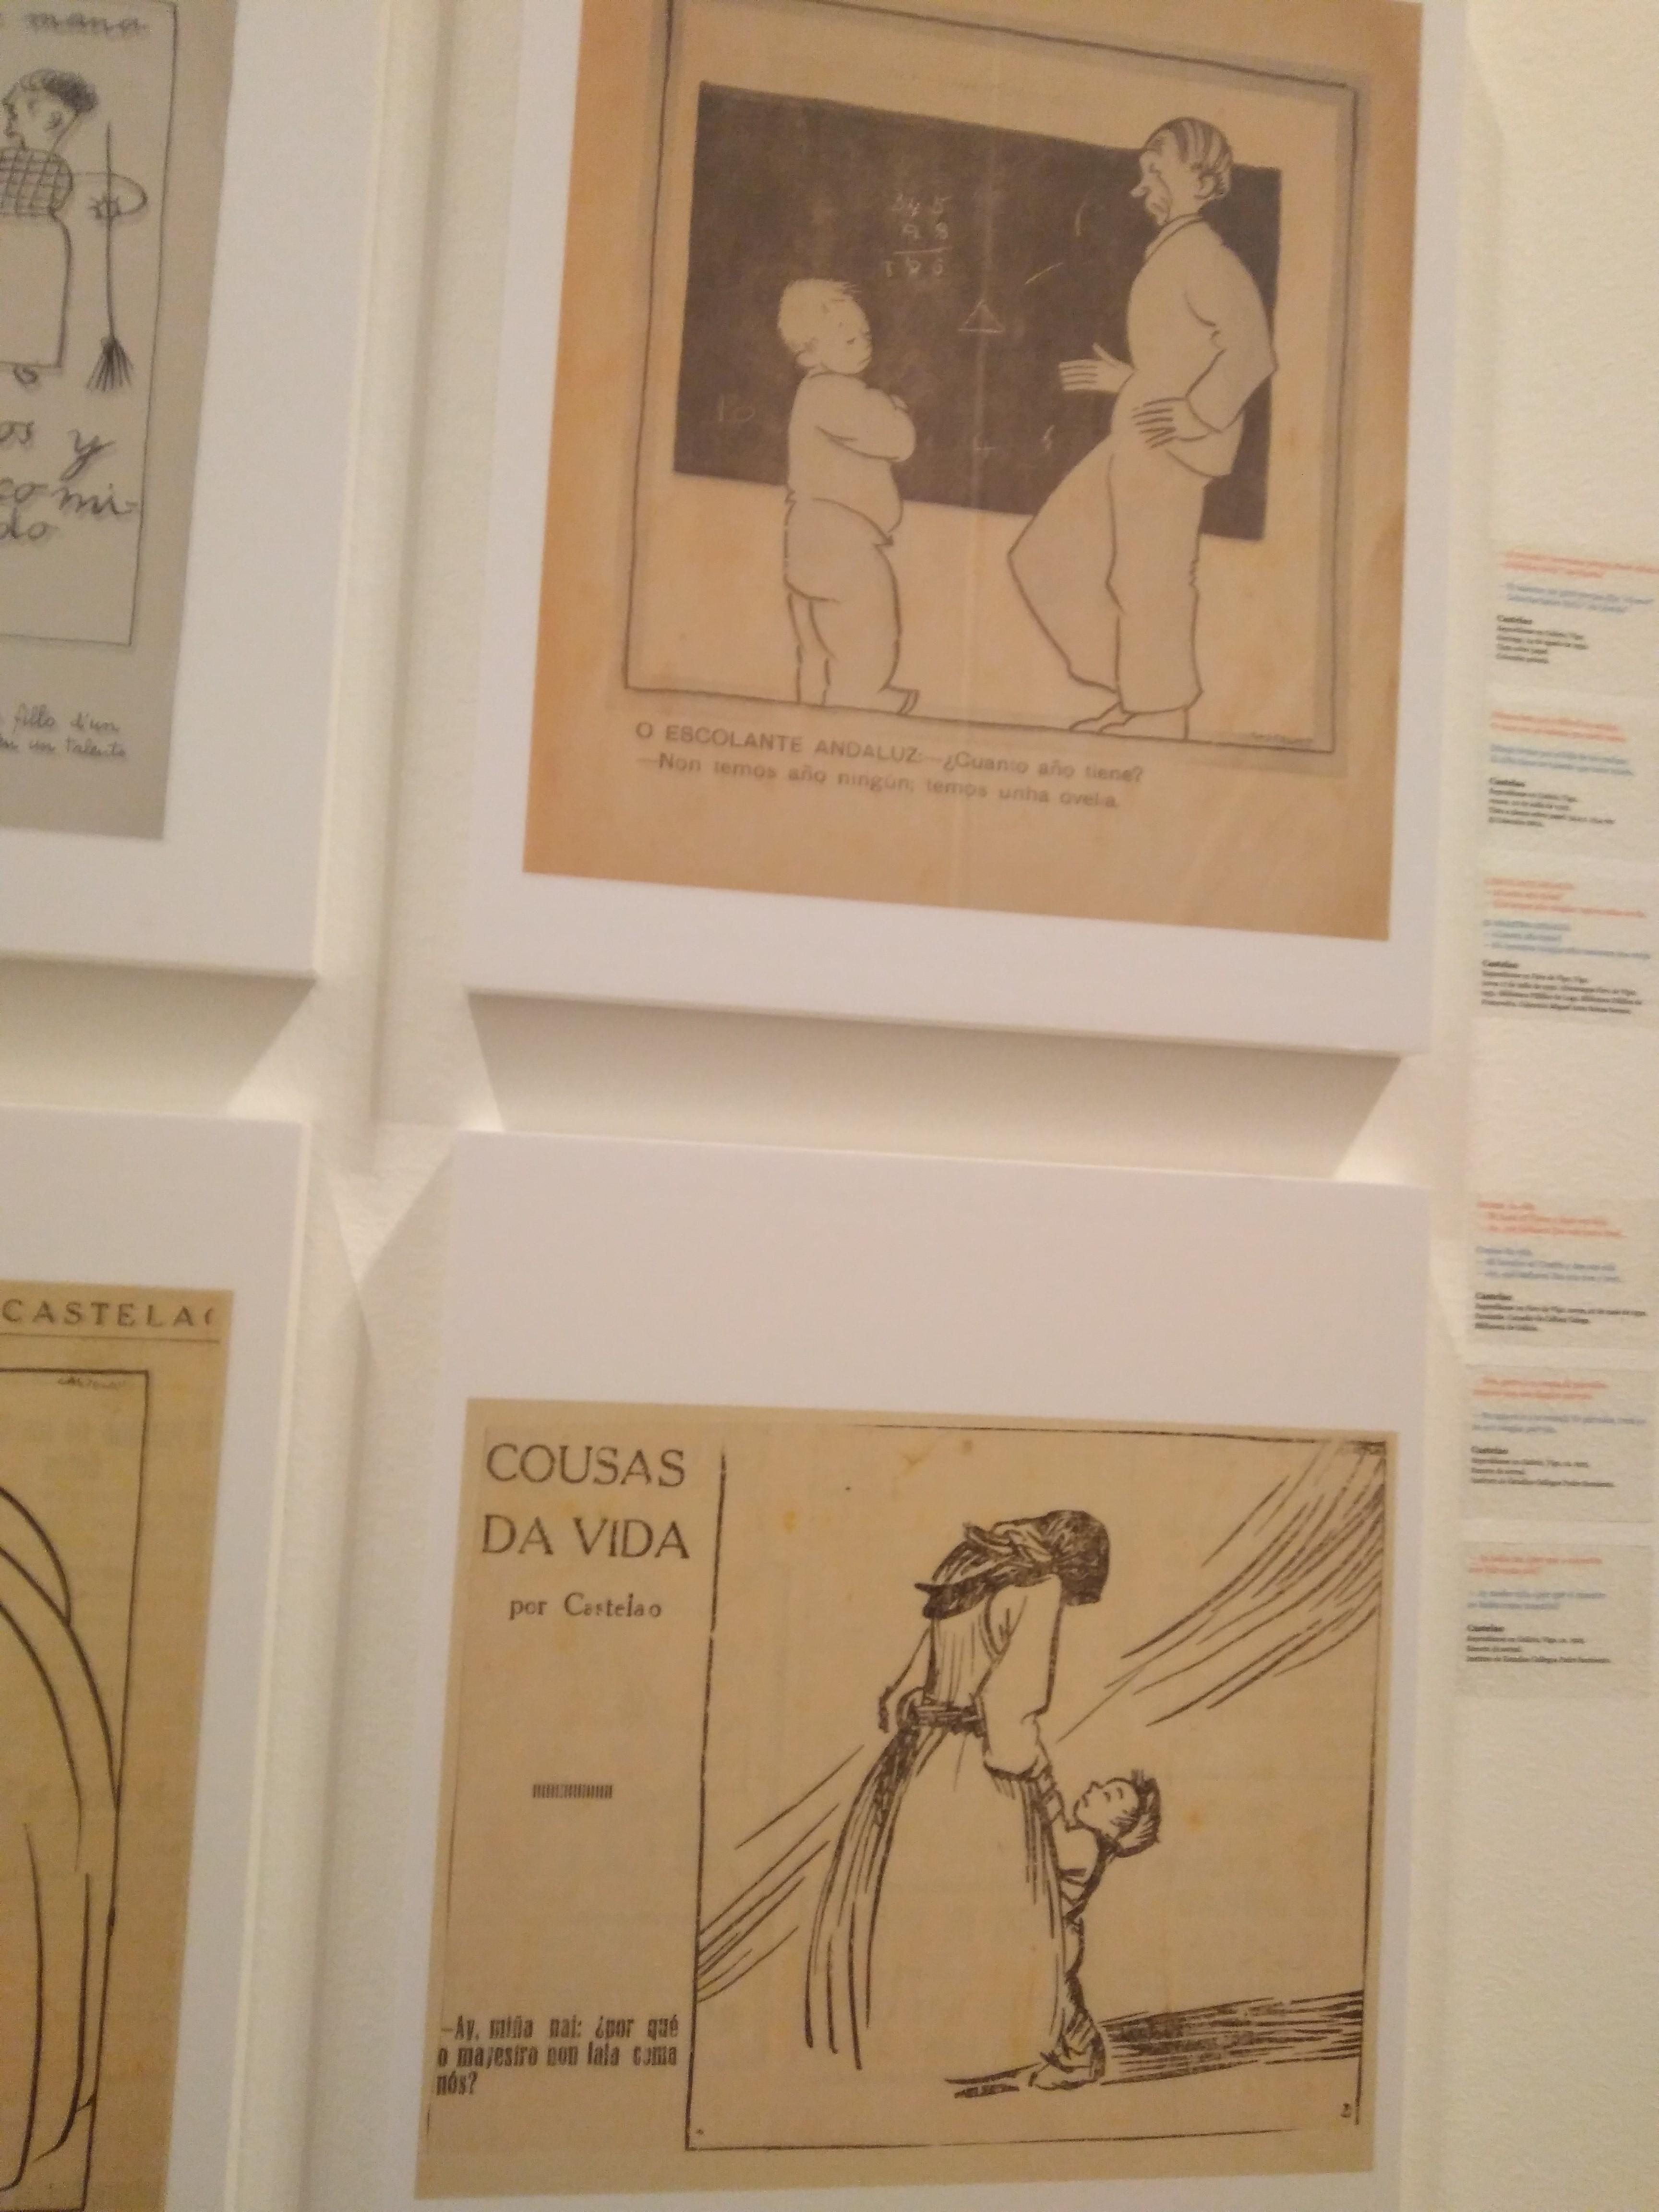 Sibujos en tinta sobre papel de Castelao